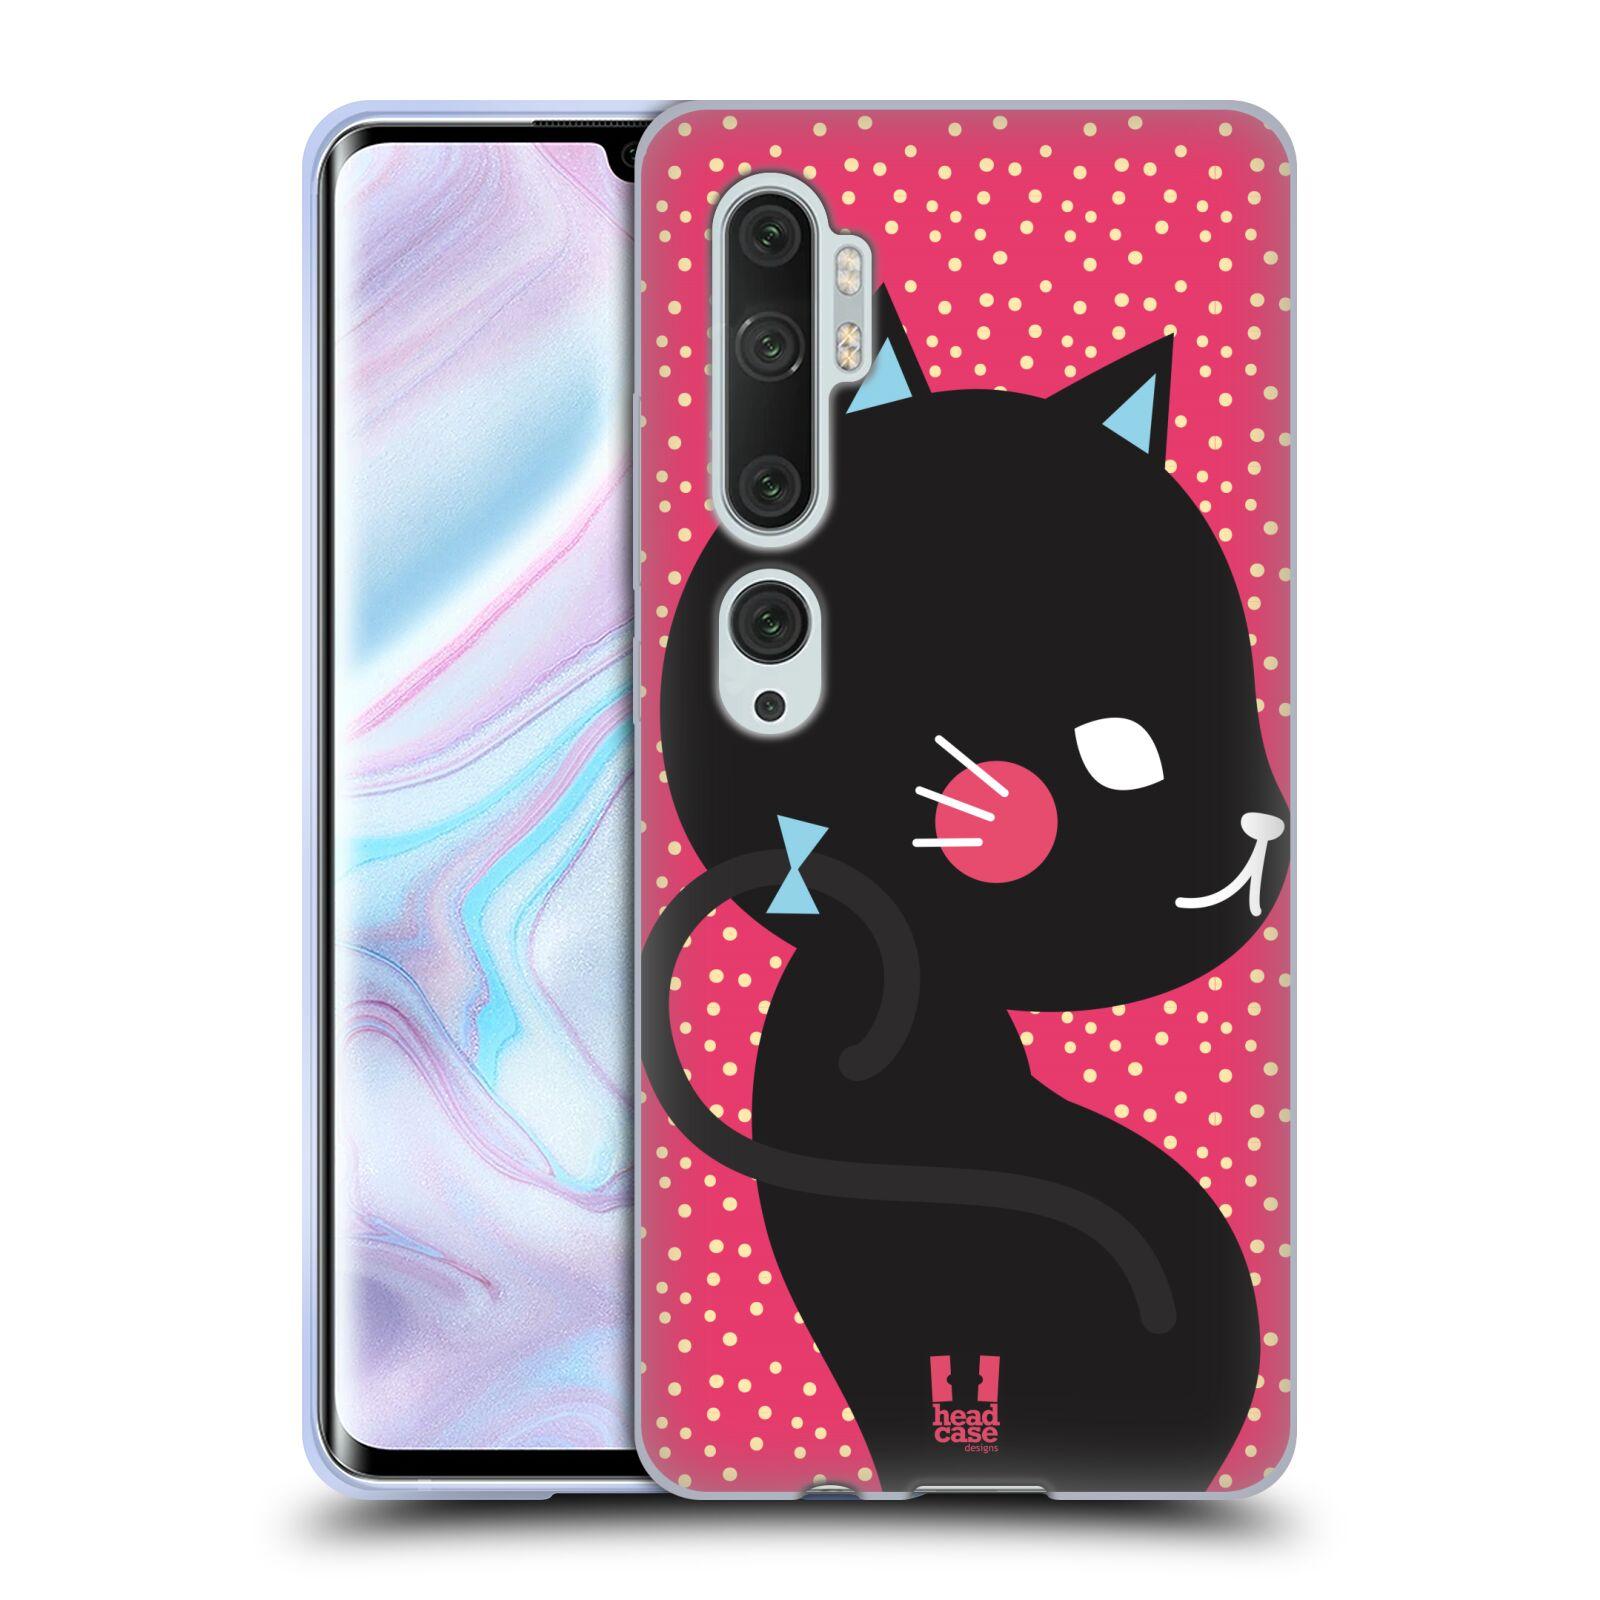 Silikonové pouzdro na mobil Xiaomi Mi Note 10 / 10 Pro - Head Case - KOČIČKA Černá NA RŮŽOVÉ